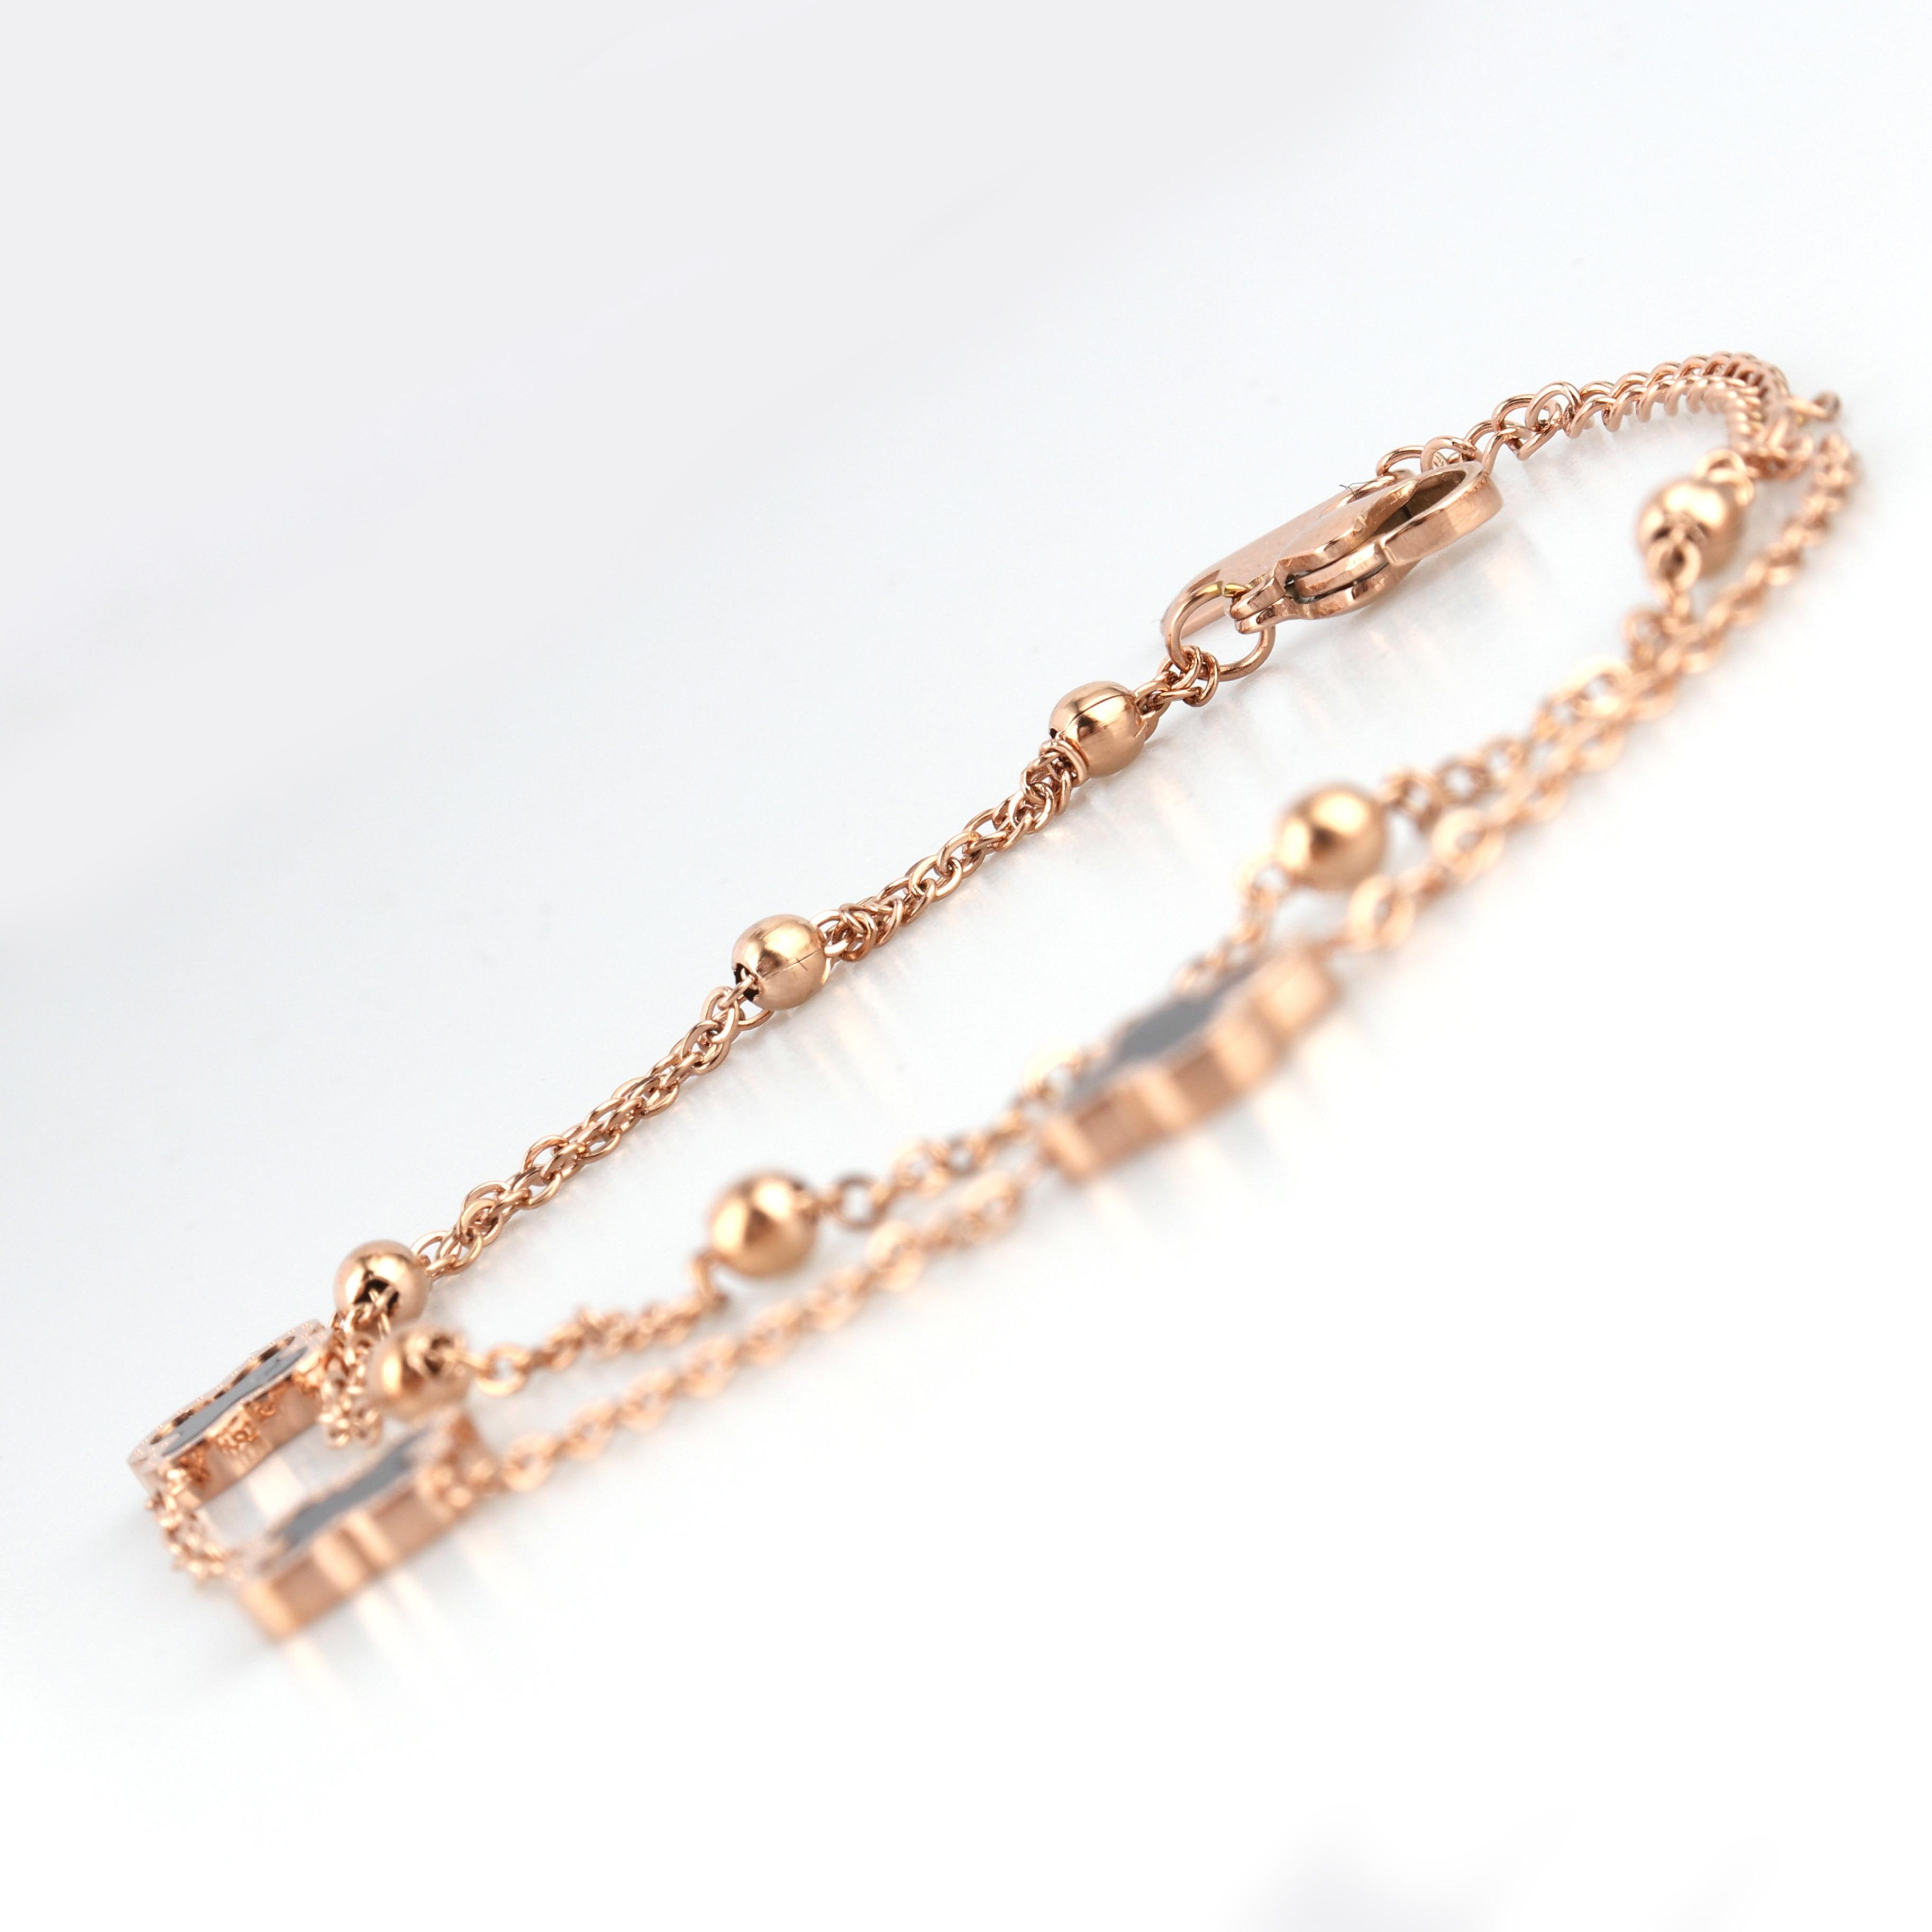 Pun senhora charme grânulo pulseira de corrente de aço inoxidável cobra corrente amor duplo-face concha grânulo pulseira moda jóias